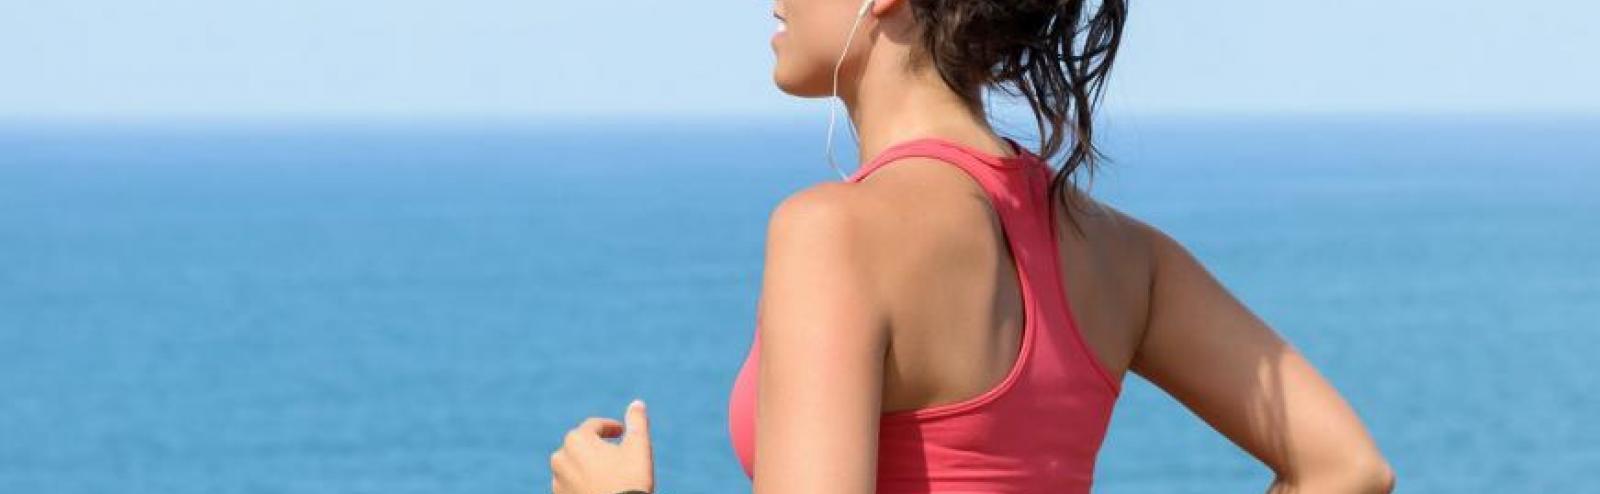 Médecine Sportive & Nutrition